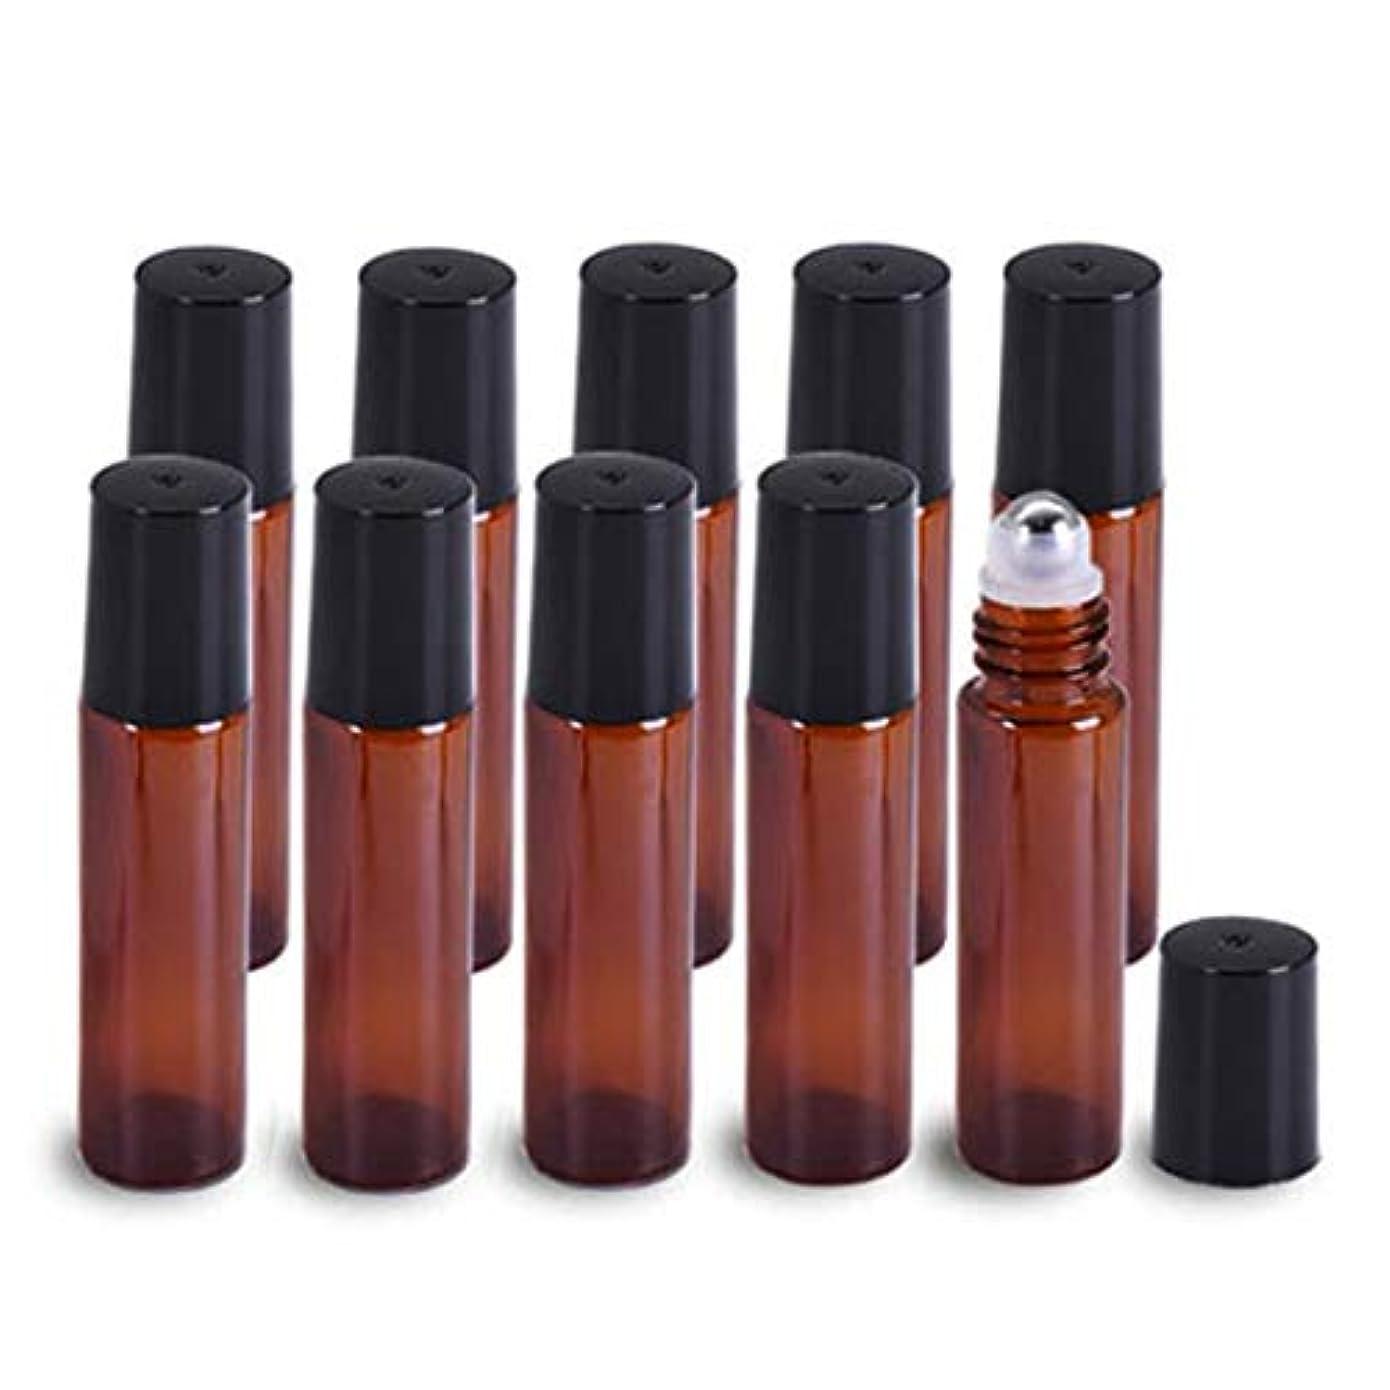 右磁石多年生Yiteng ロールオンボトル アロマオイル アロマボトル ガラスロールタイプ 遮光瓶 保存容器 小分け用 茶色 収納ケース付き 10ml 10本セット